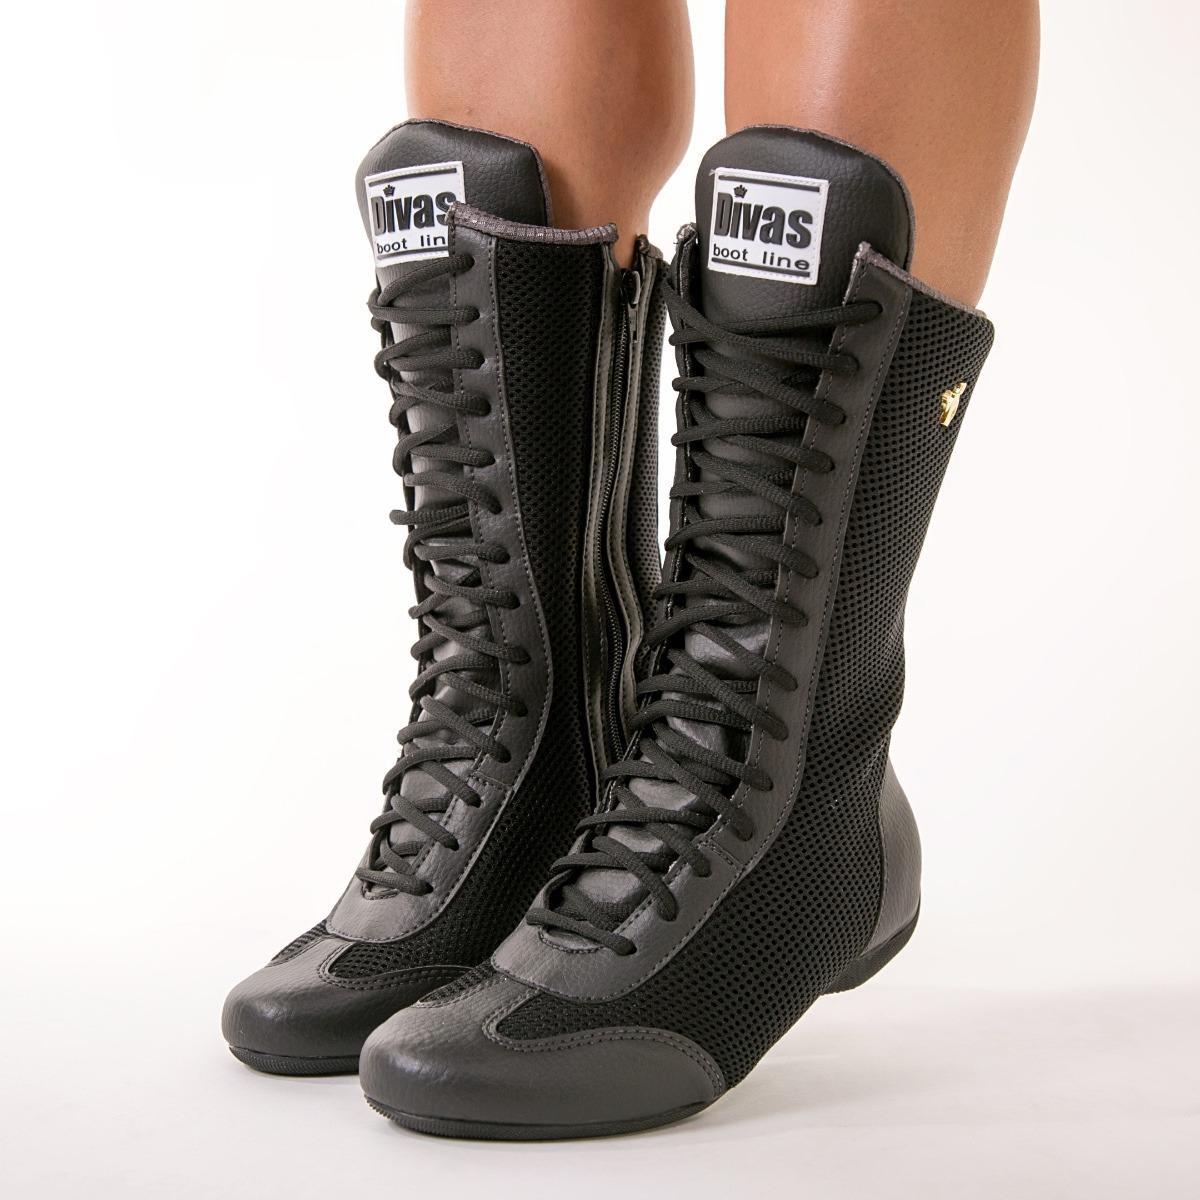 e712b4676 bota botinha treino musculação crossfit longa + toalha divas. Carregando  zoom.